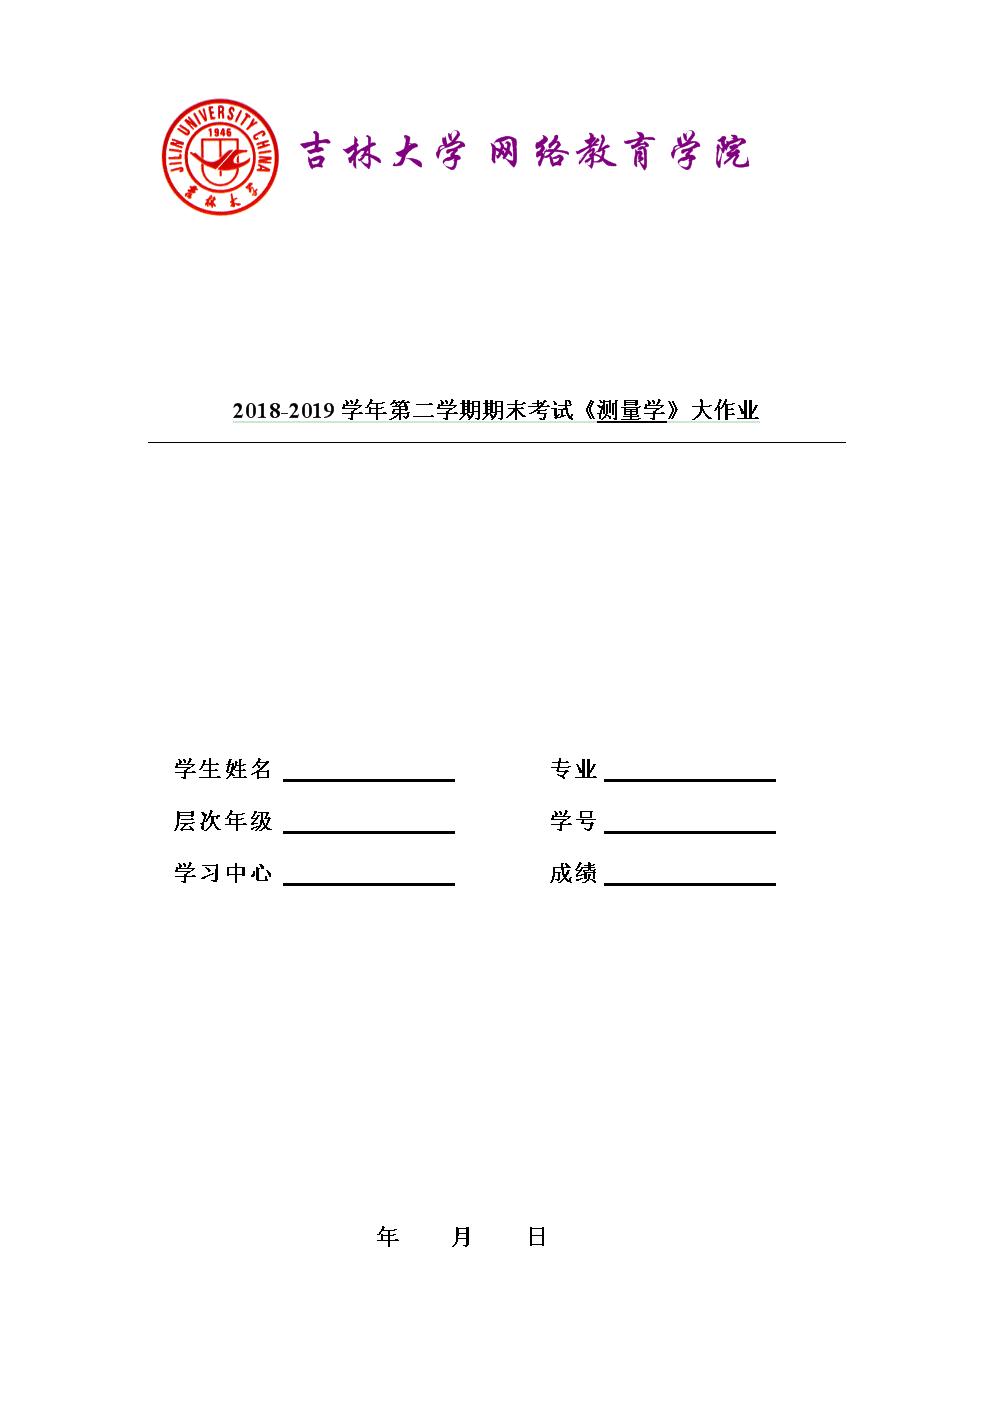 吉大19年9月课程考试《测量学》离线作业考核要求【答案】.doc